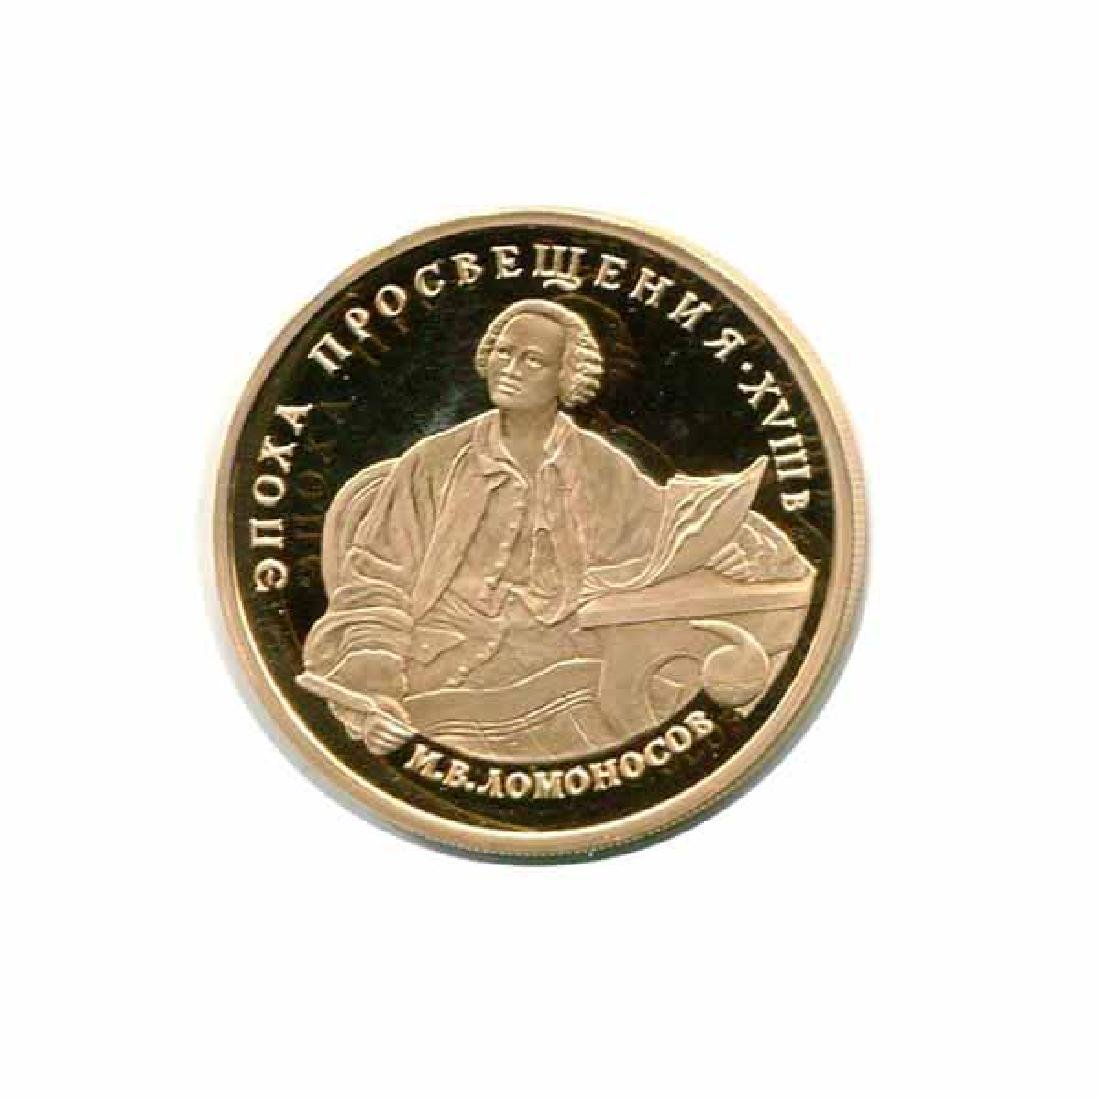 Russia 100 Roubles Gold PF 1992 Lomanossov